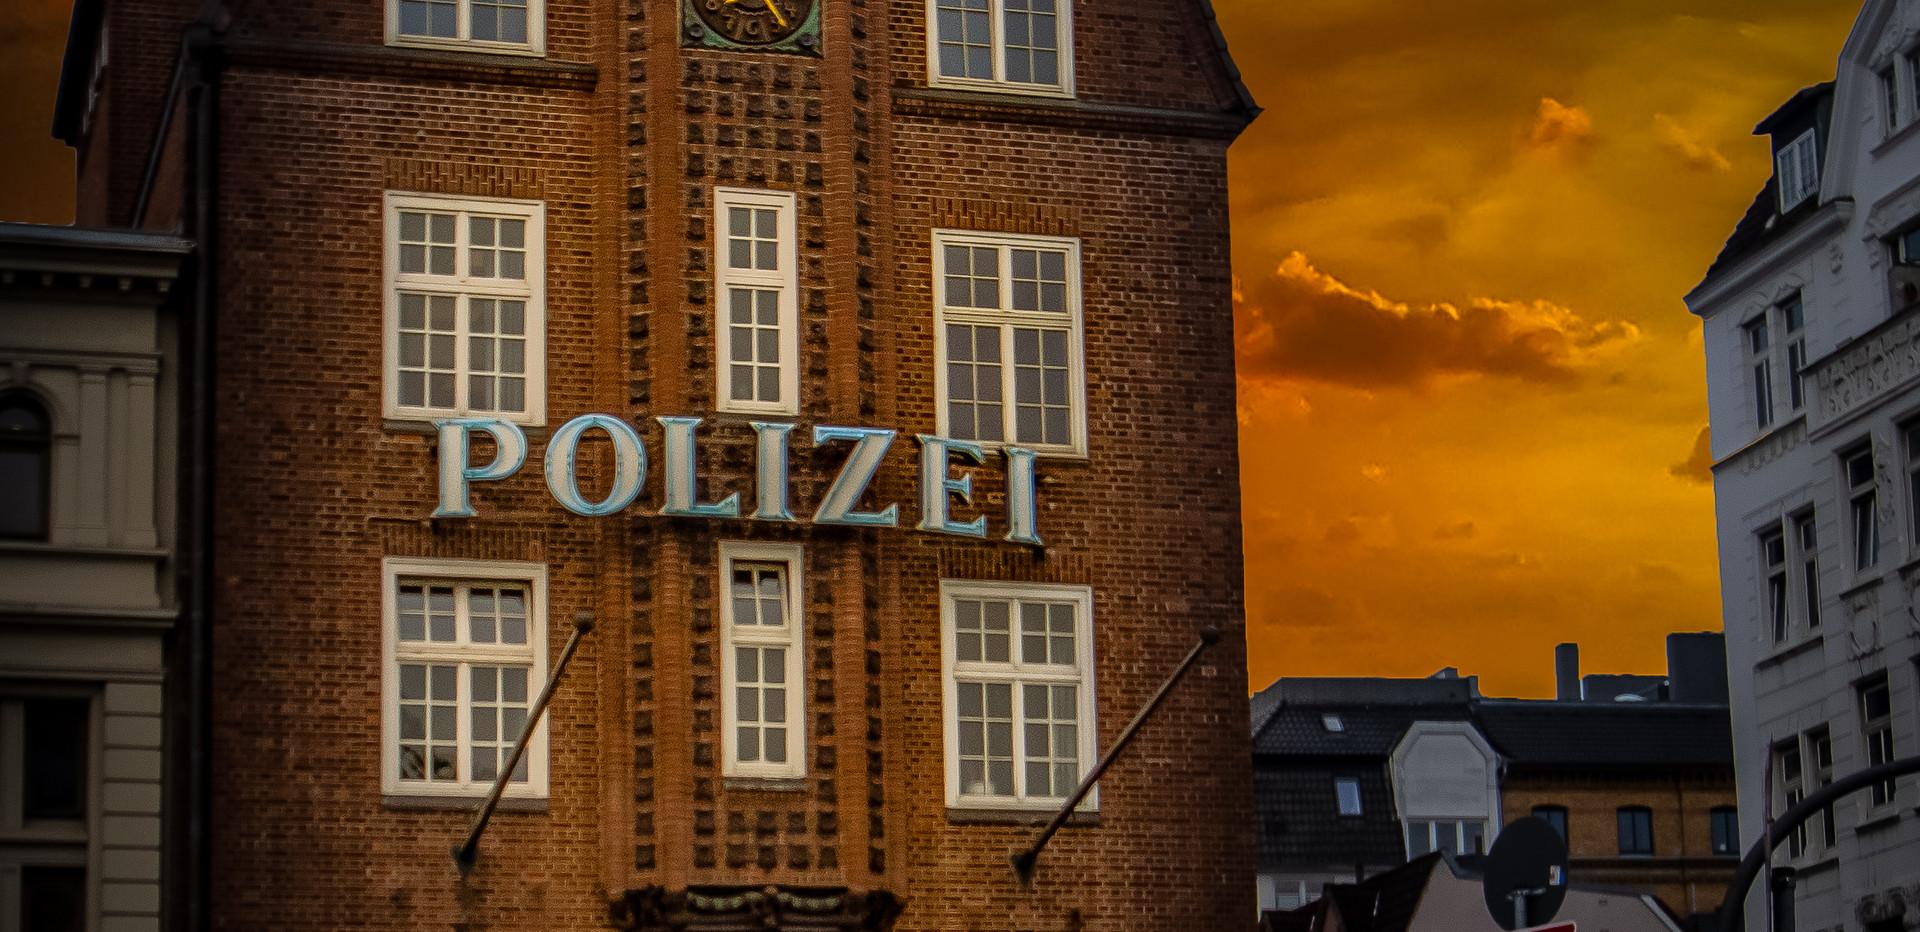 Polizei St. Pauli